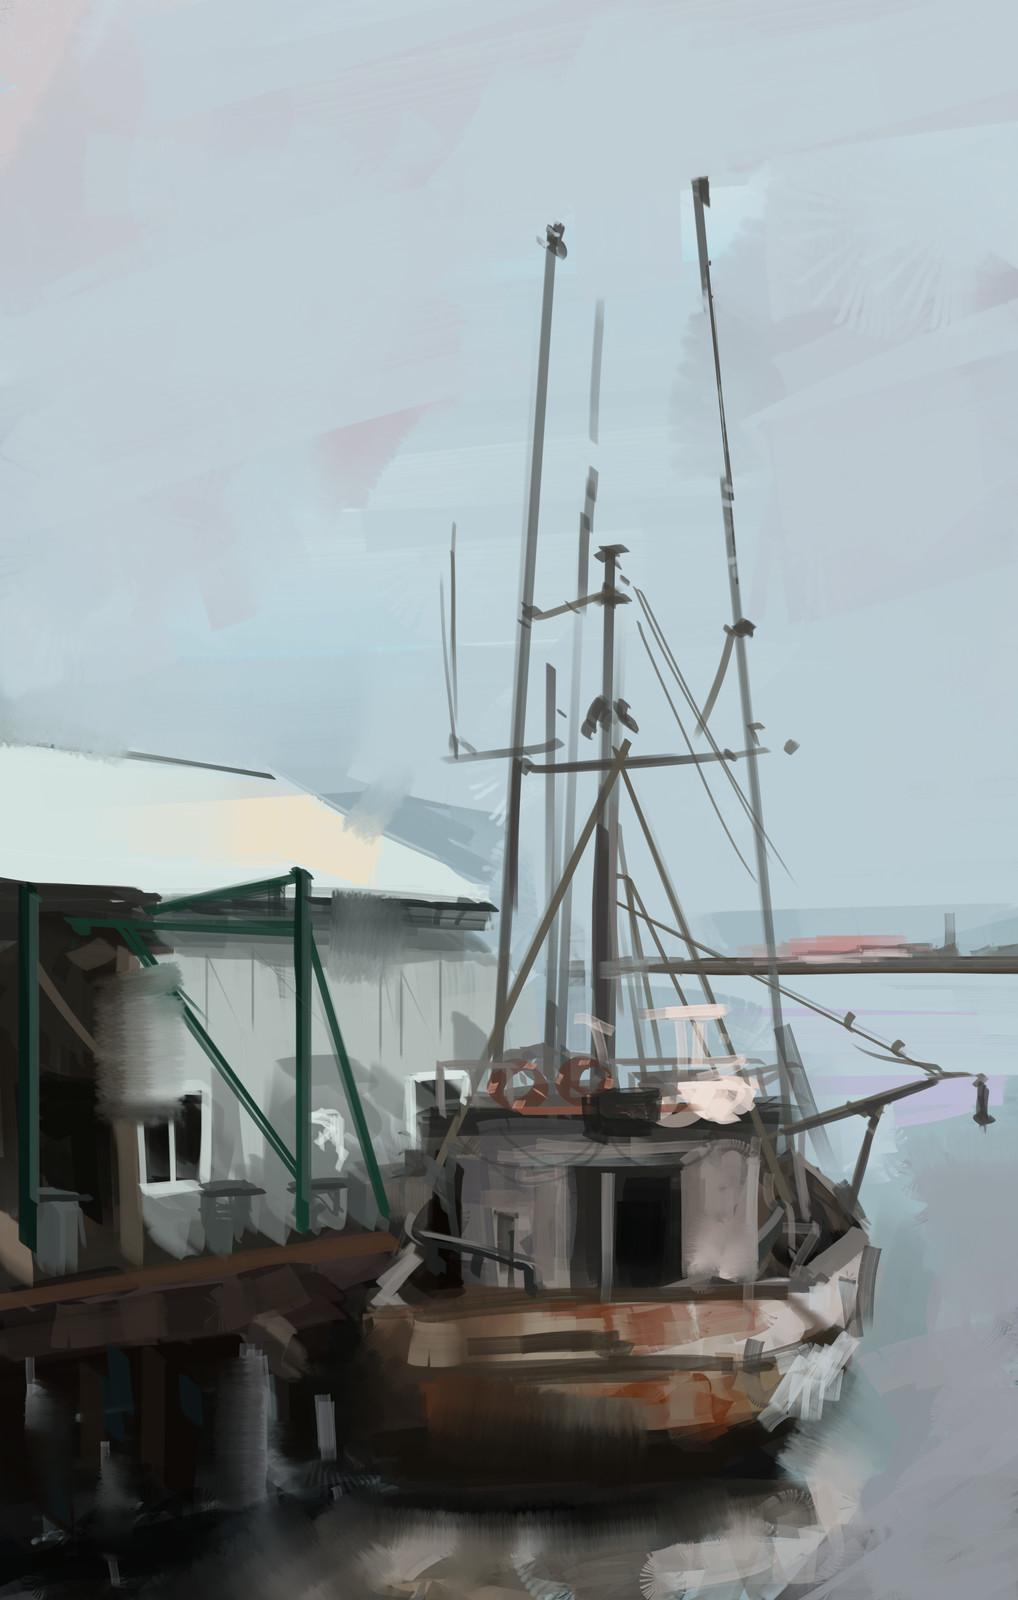 Workboat study